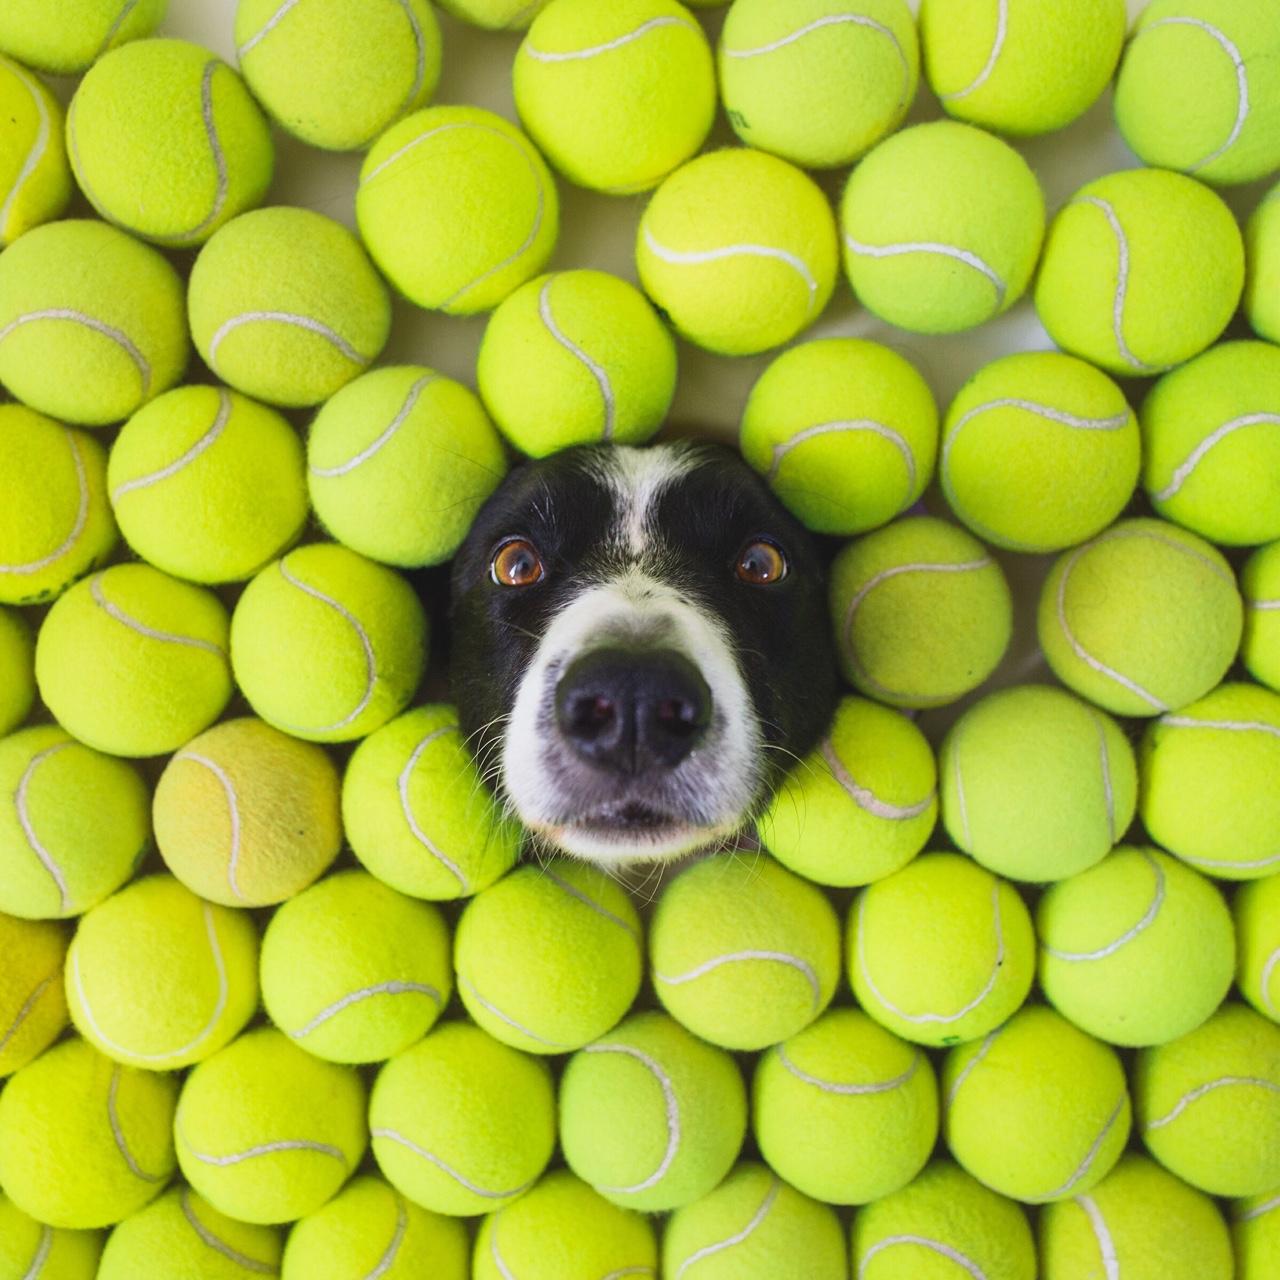 犬 ワンコを探す画像